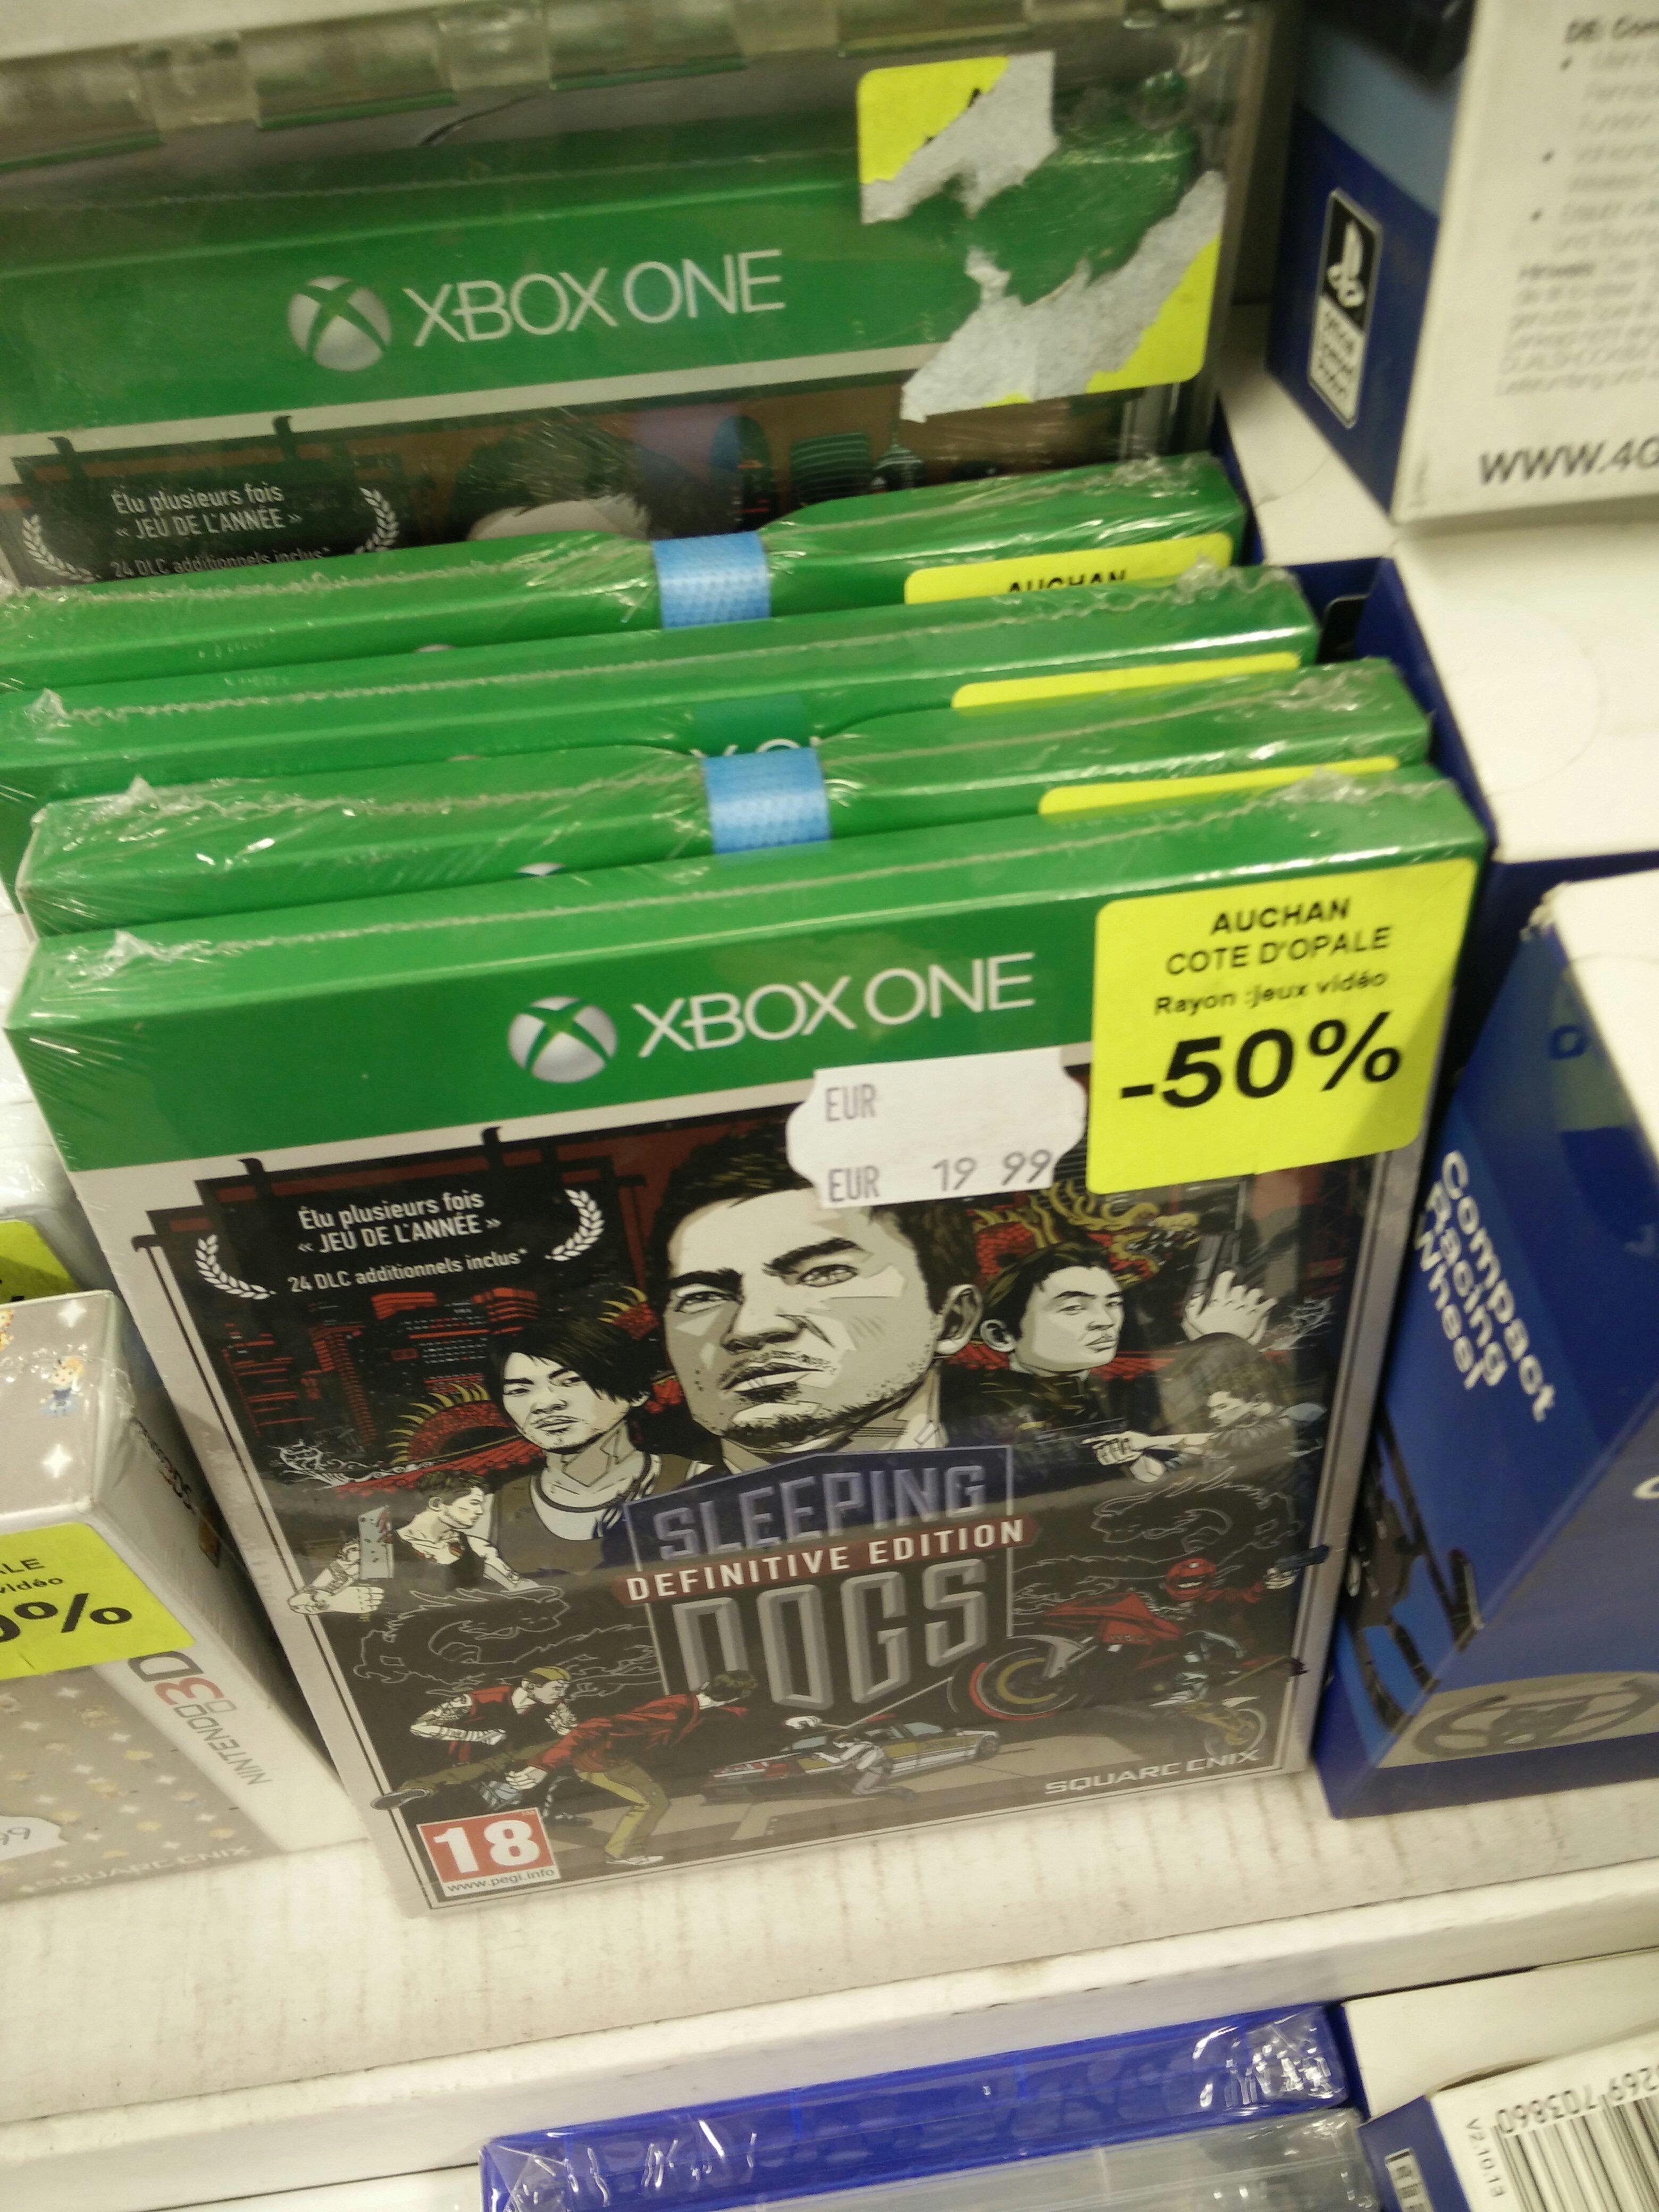 Sélection de jeux vidéo et accessoires en promotion - Ex : Sleeping Dogs - Definitive Edition sur Xbox One